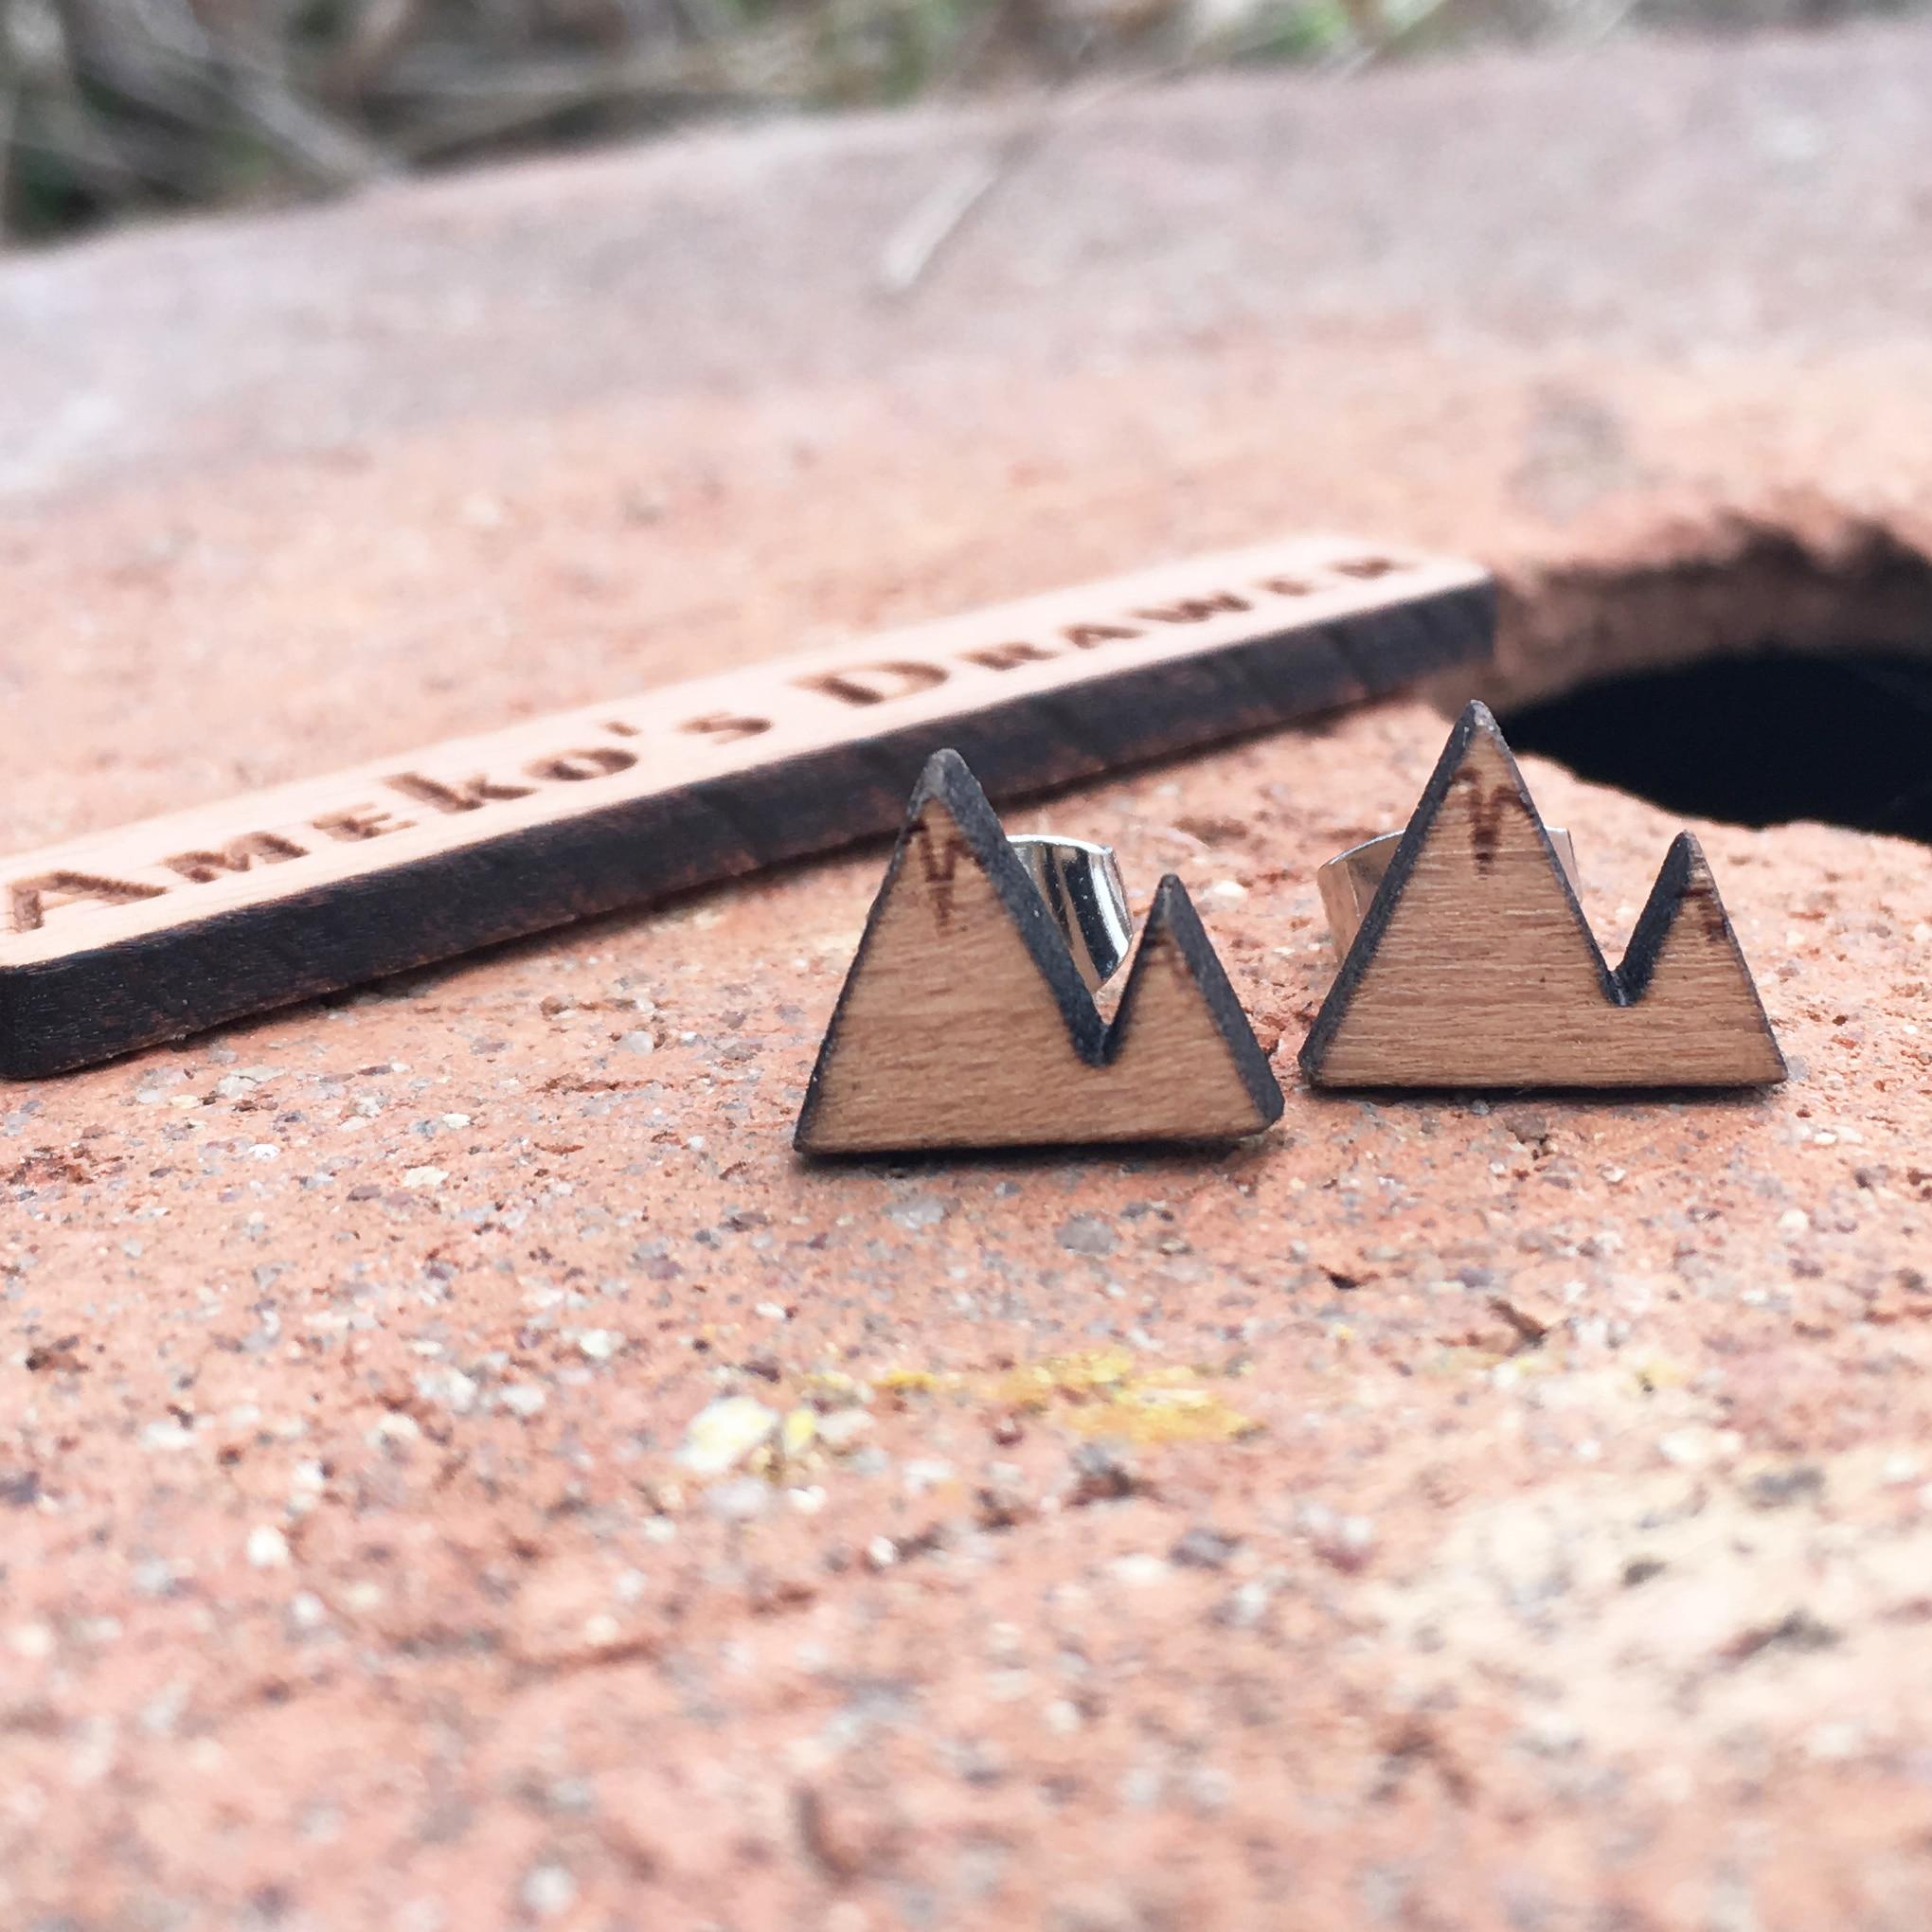 Berg Ohrstecker kleine handgemachte Hügel Holz Ohrringe X 1 - Modeschmuck